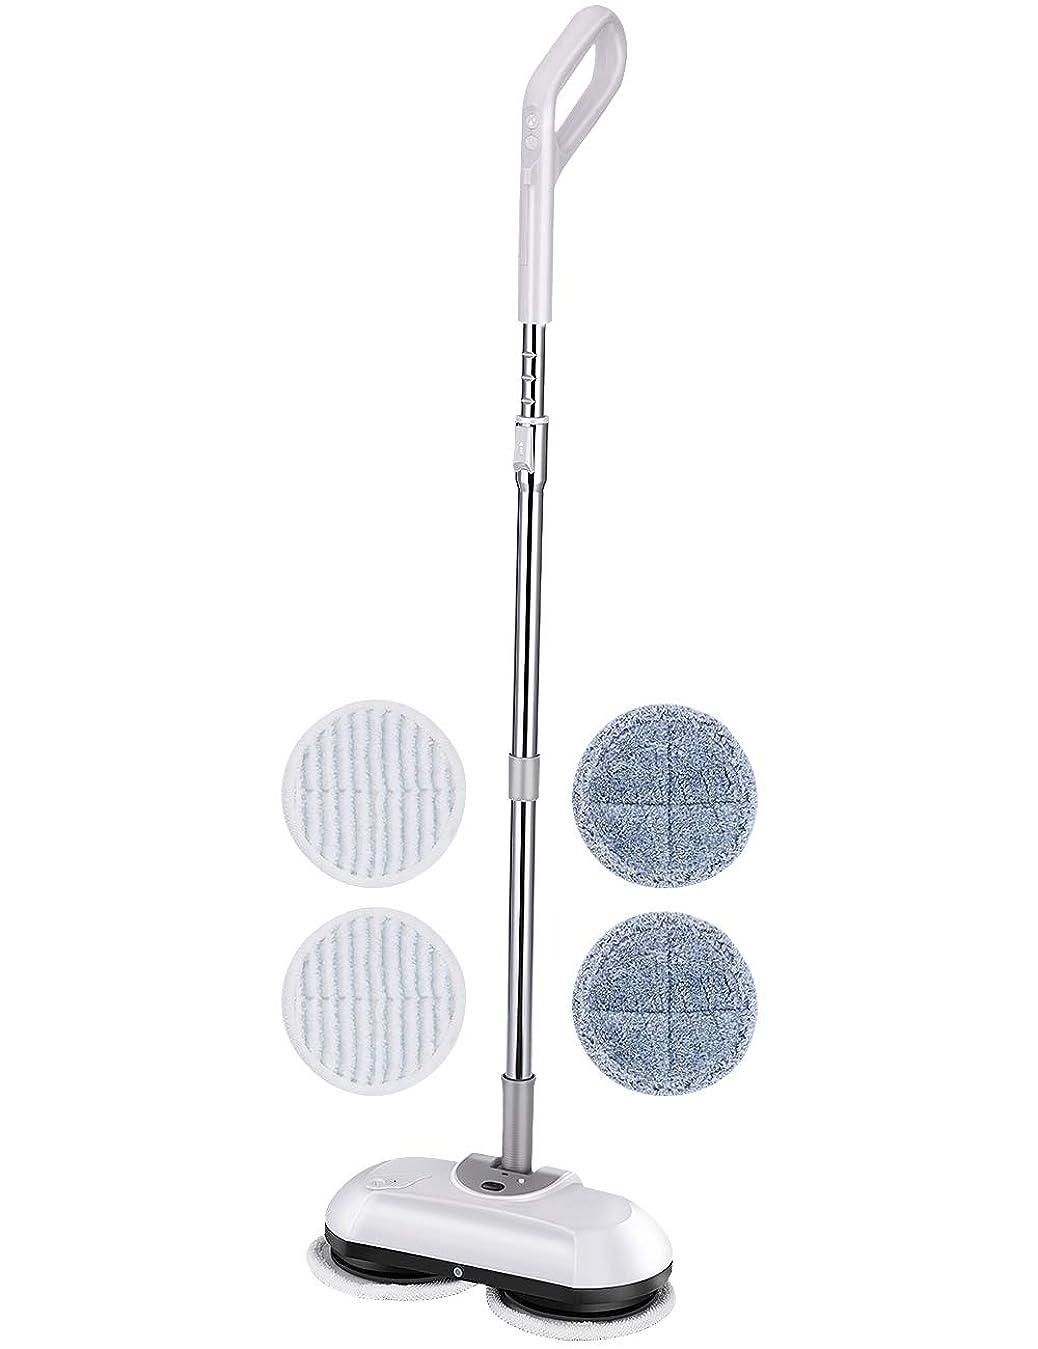 検証アスペクトスパイElleSye 電動回転モップ 電動モップ コードレス スプレーモップ 回転式モップ 水スプレー機能付き フローリング掃除 床掃除 無線操作 充電式 パッド四枚付き (ホワイト)